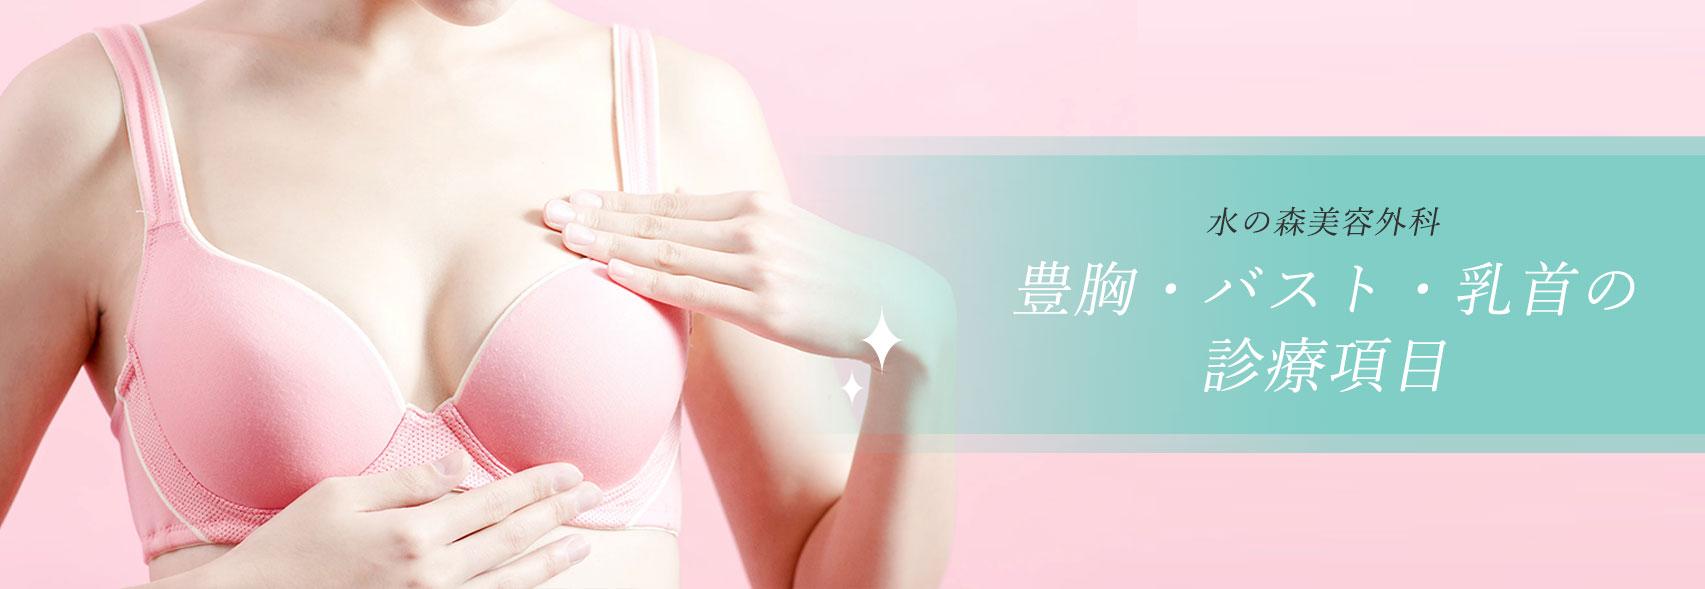 豊胸・バスト・乳首の施術一覧